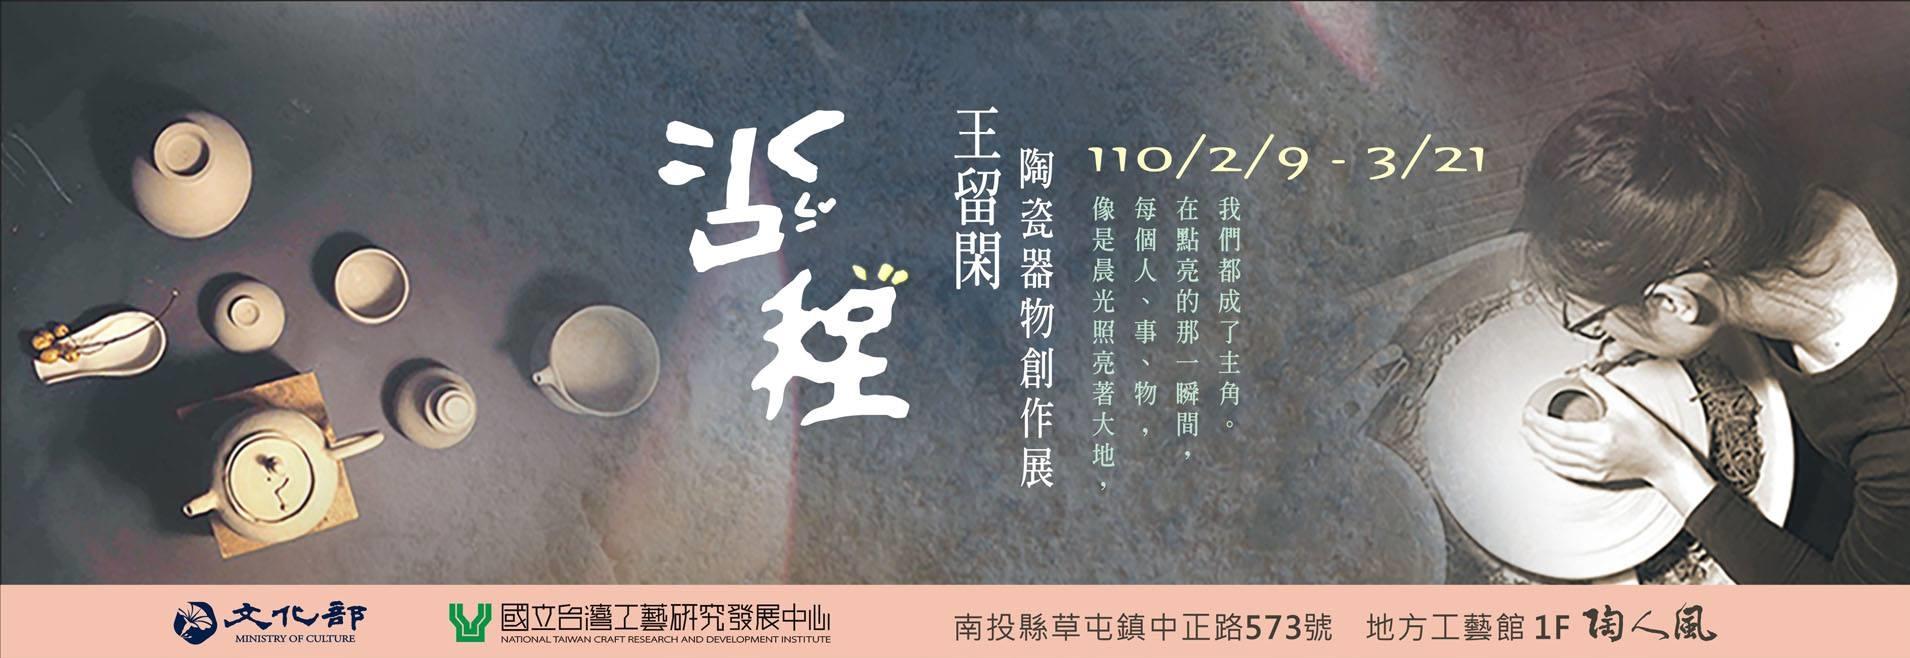 呇程-王留閑陶瓷器物創作展「另開新視窗」